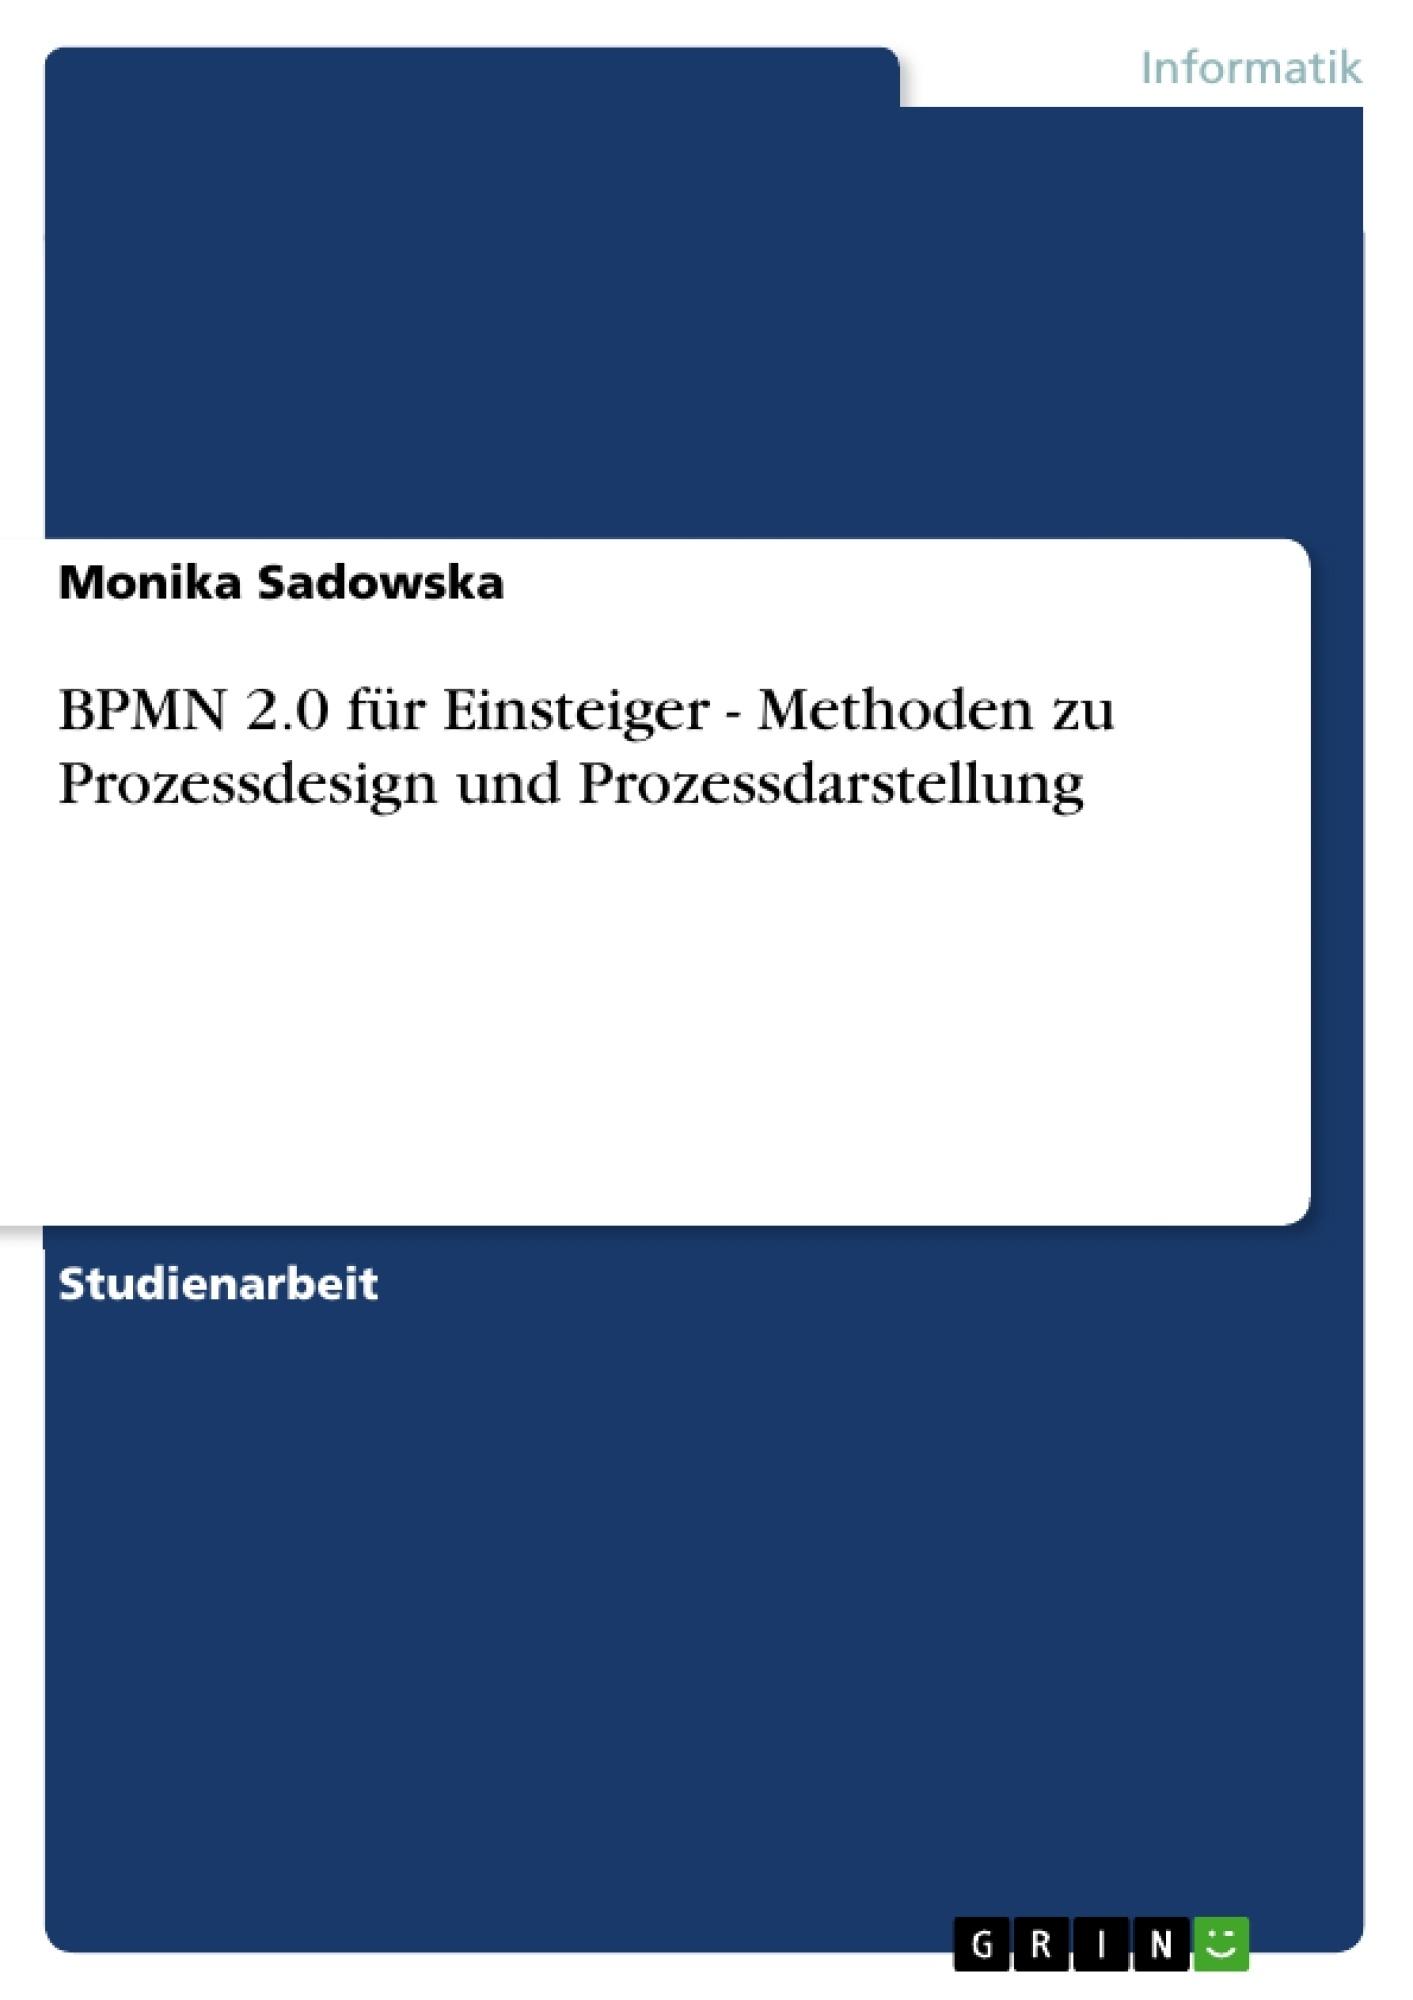 Titel: BPMN 2.0 für Einsteiger - Methoden zu Prozessdesign und Prozessdarstellung